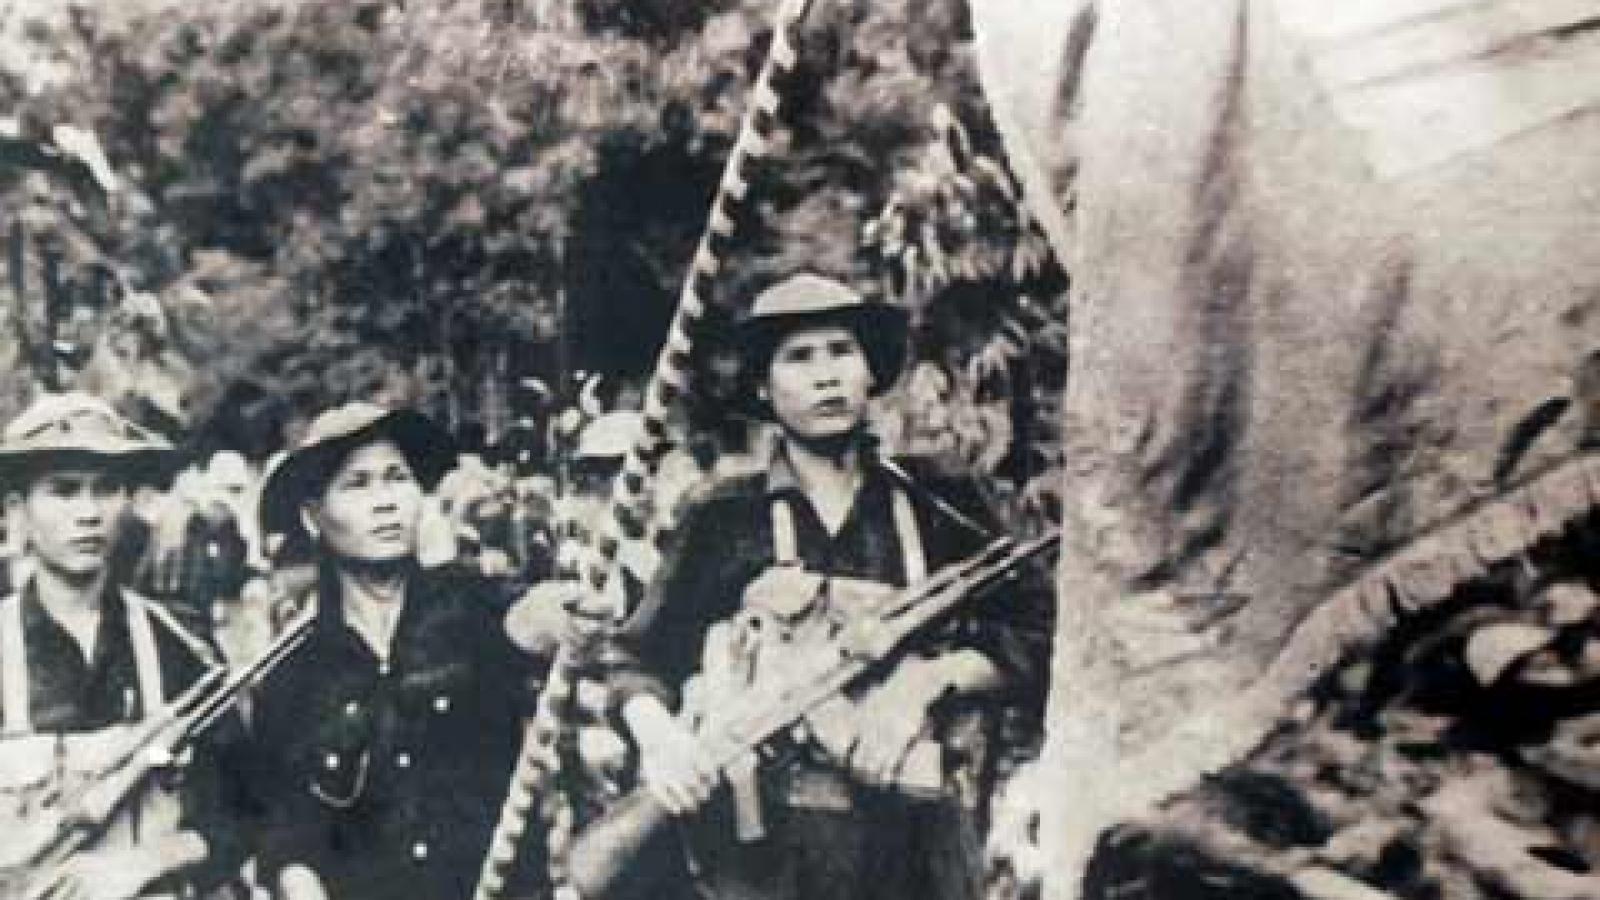 Quân giải phóng miền Nam Việt Nam-Bài học trong chiến lược bảo vệ Tổ quốc